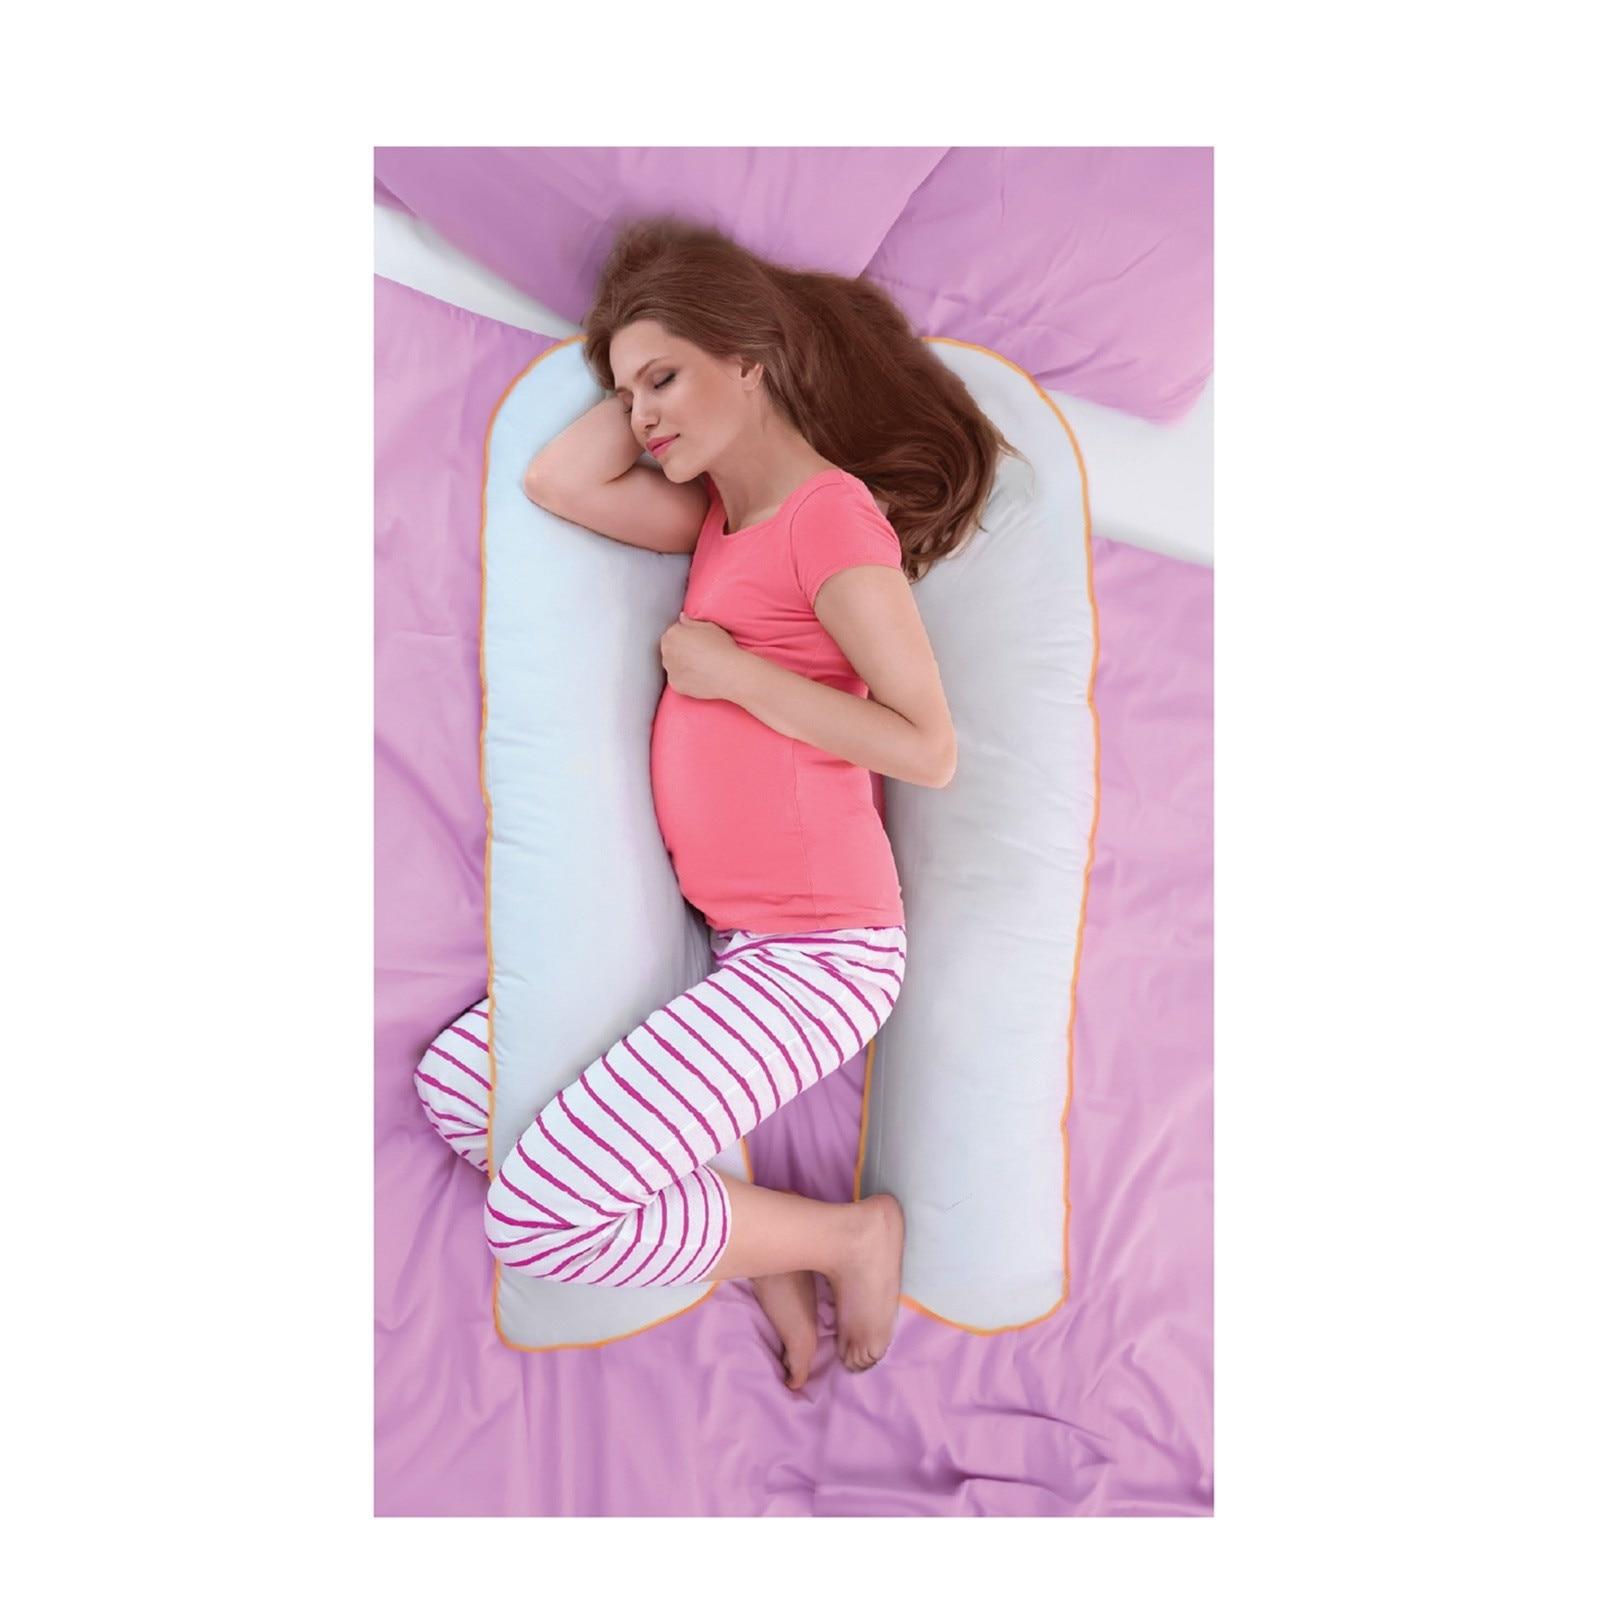 Ebebek Babyjem Sleeping Support Pillow For Pregnancy